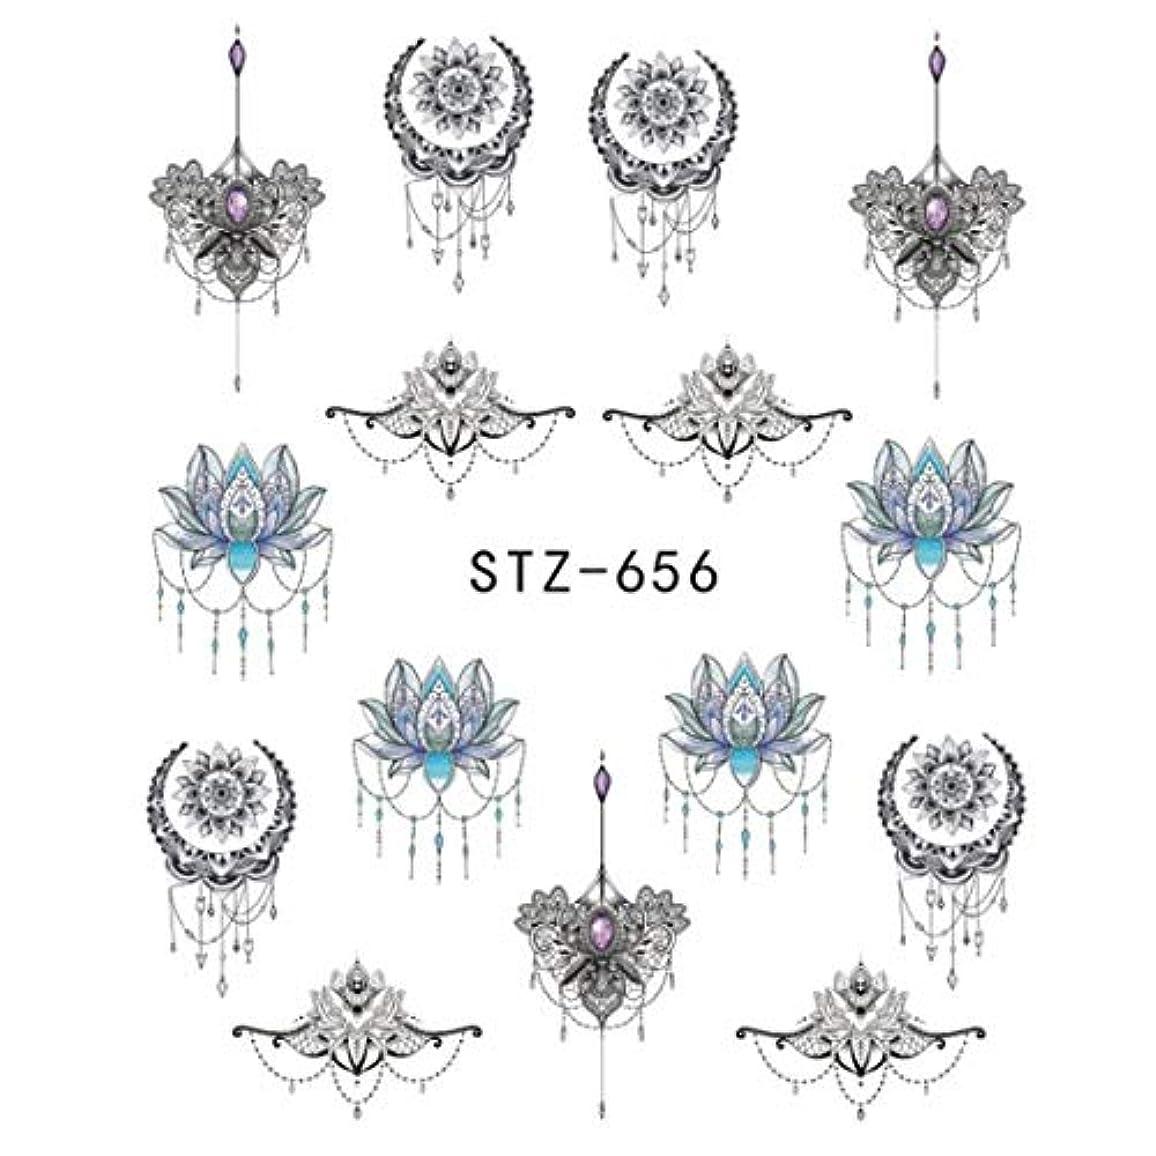 周辺ピーブ以来SUKTI&XIAO ネイルステッカー 1ピースゴージャスネックレスブラックレッドブルーステッカーネイルアートタトゥー水爪デザインネイルステッカー、Stz656